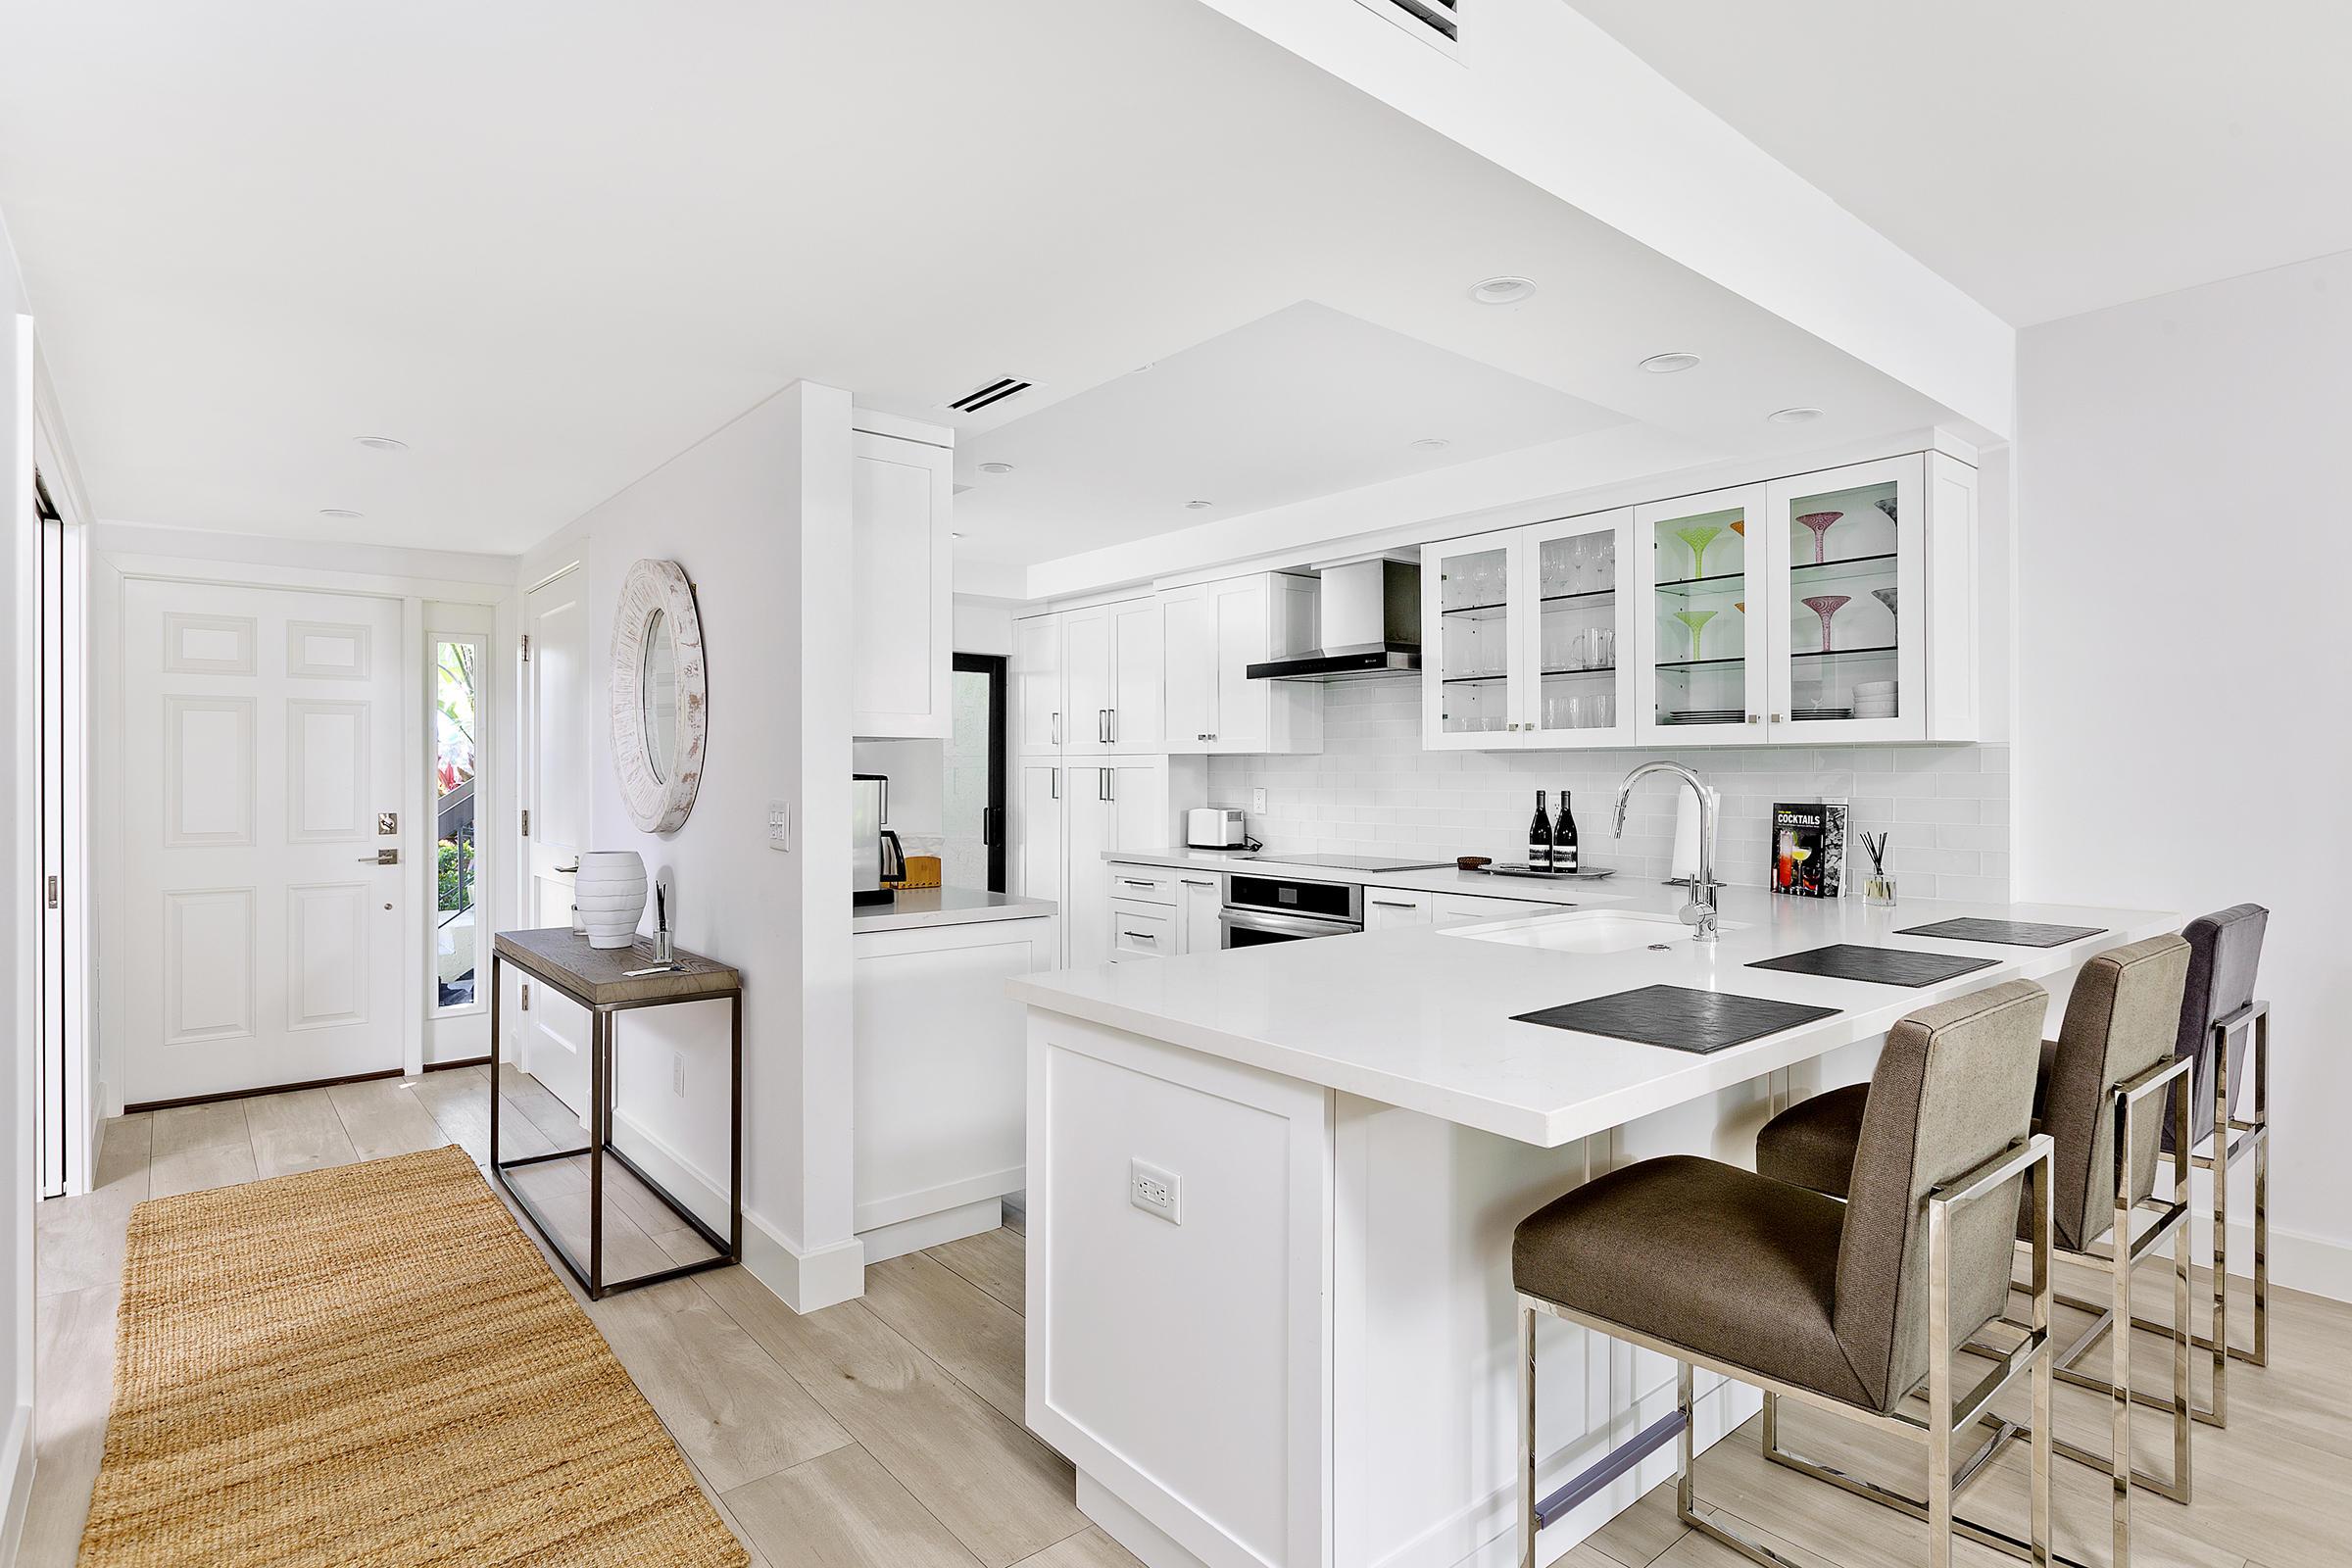 03_Kitchen_layout1